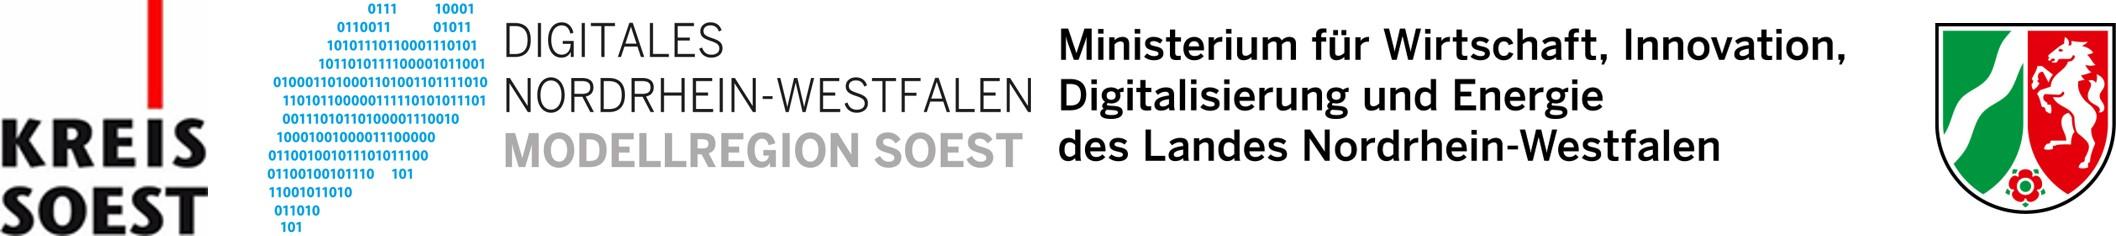 Logos Kreis Soest, Digitales NRW, Ministerium für Wirtschaft, Innovation, Digitalisierung und Energie NRW